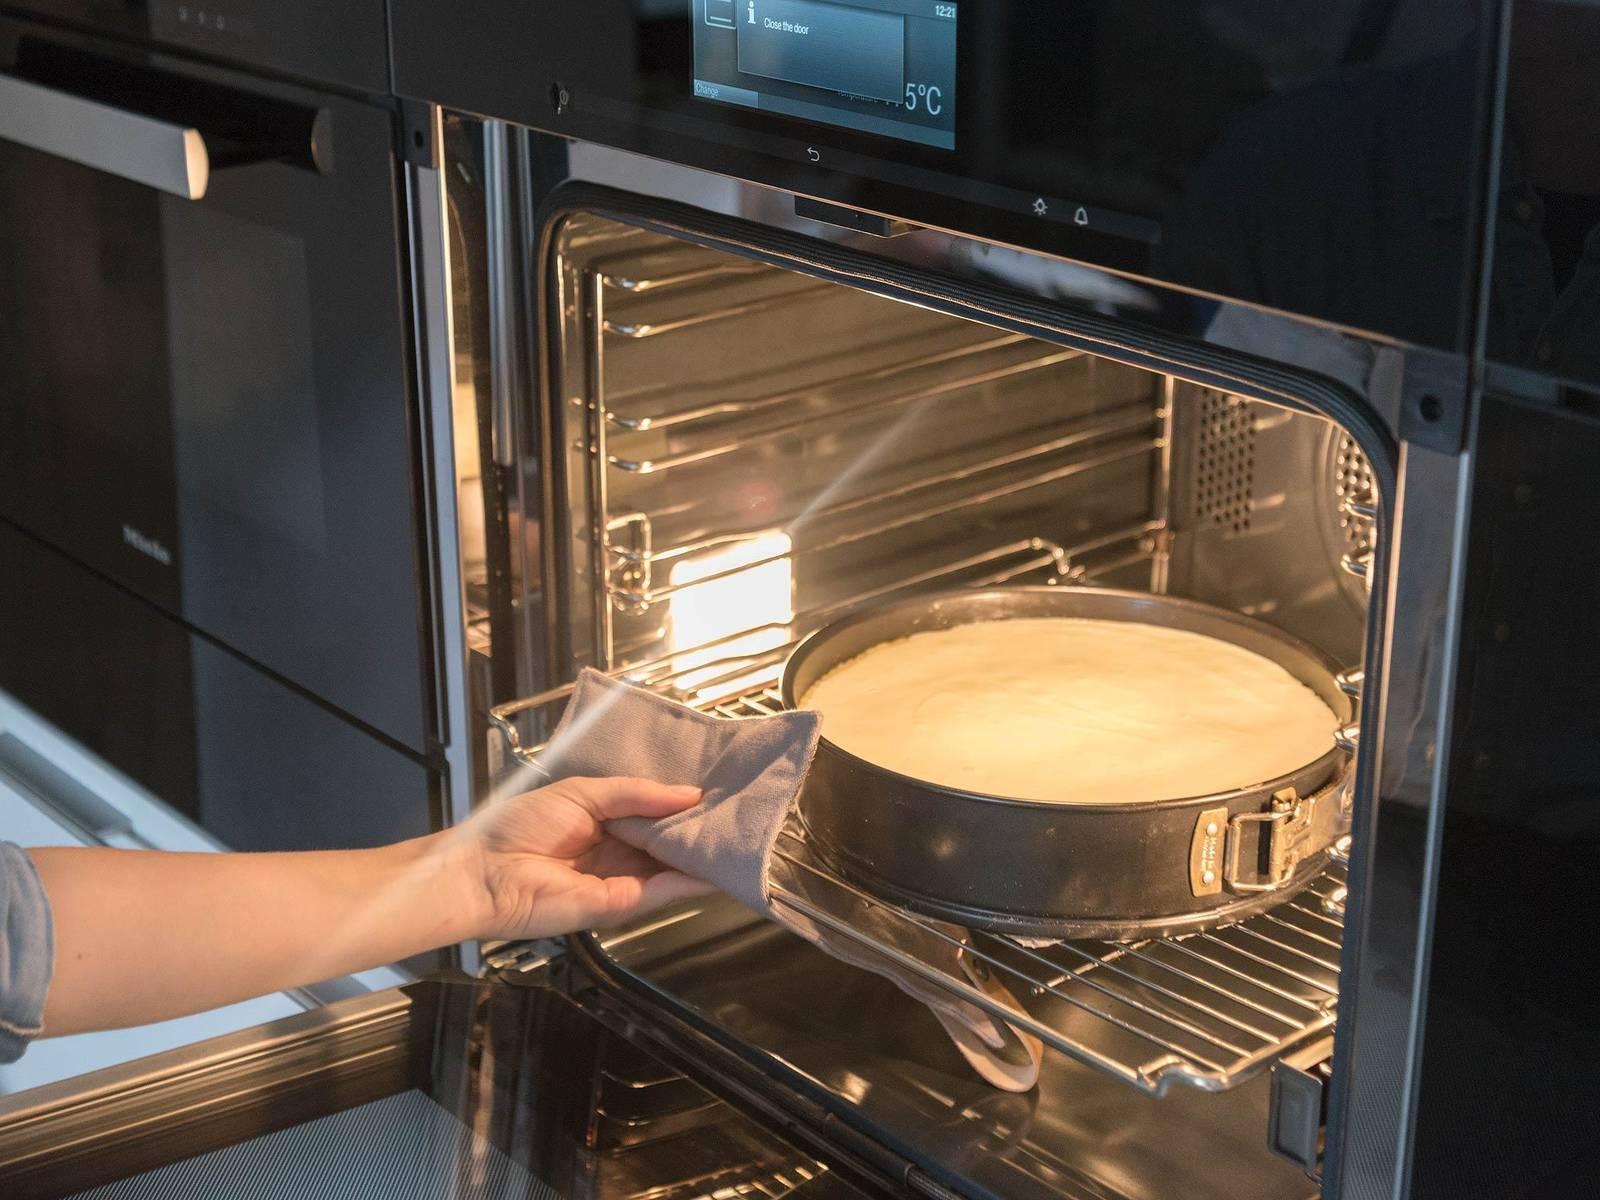 将面糊放到烤箱低层,以175℃烤40分钟。盖上铝箔,然后接着再烤35分钟。蛋糕的中间此时应仍有些晃动。关闭烤箱,稍微打开箱门,让蛋糕在烤箱中静置10-20分钟,让其慢慢放凉,这能防止蛋糕中部塌陷。抹干净烤盘边缘,放到冷却架上1小时,待其彻底冷却,然后再切蛋糕。尽情享用吧!